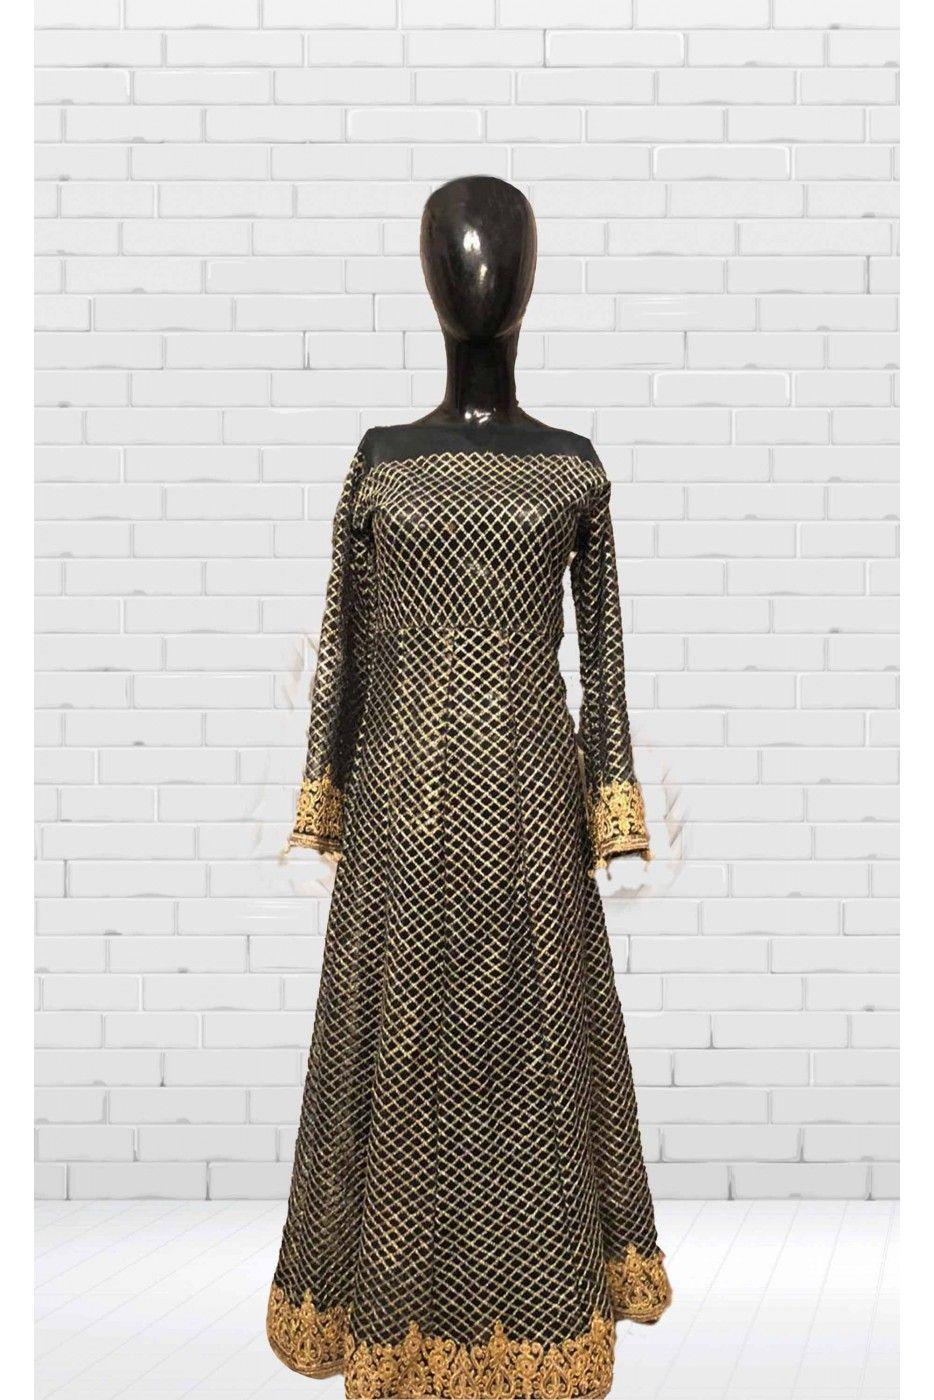 #MehakAdil #ClothingBrand #PakistaniFashion #DesignerDresses #Fashion